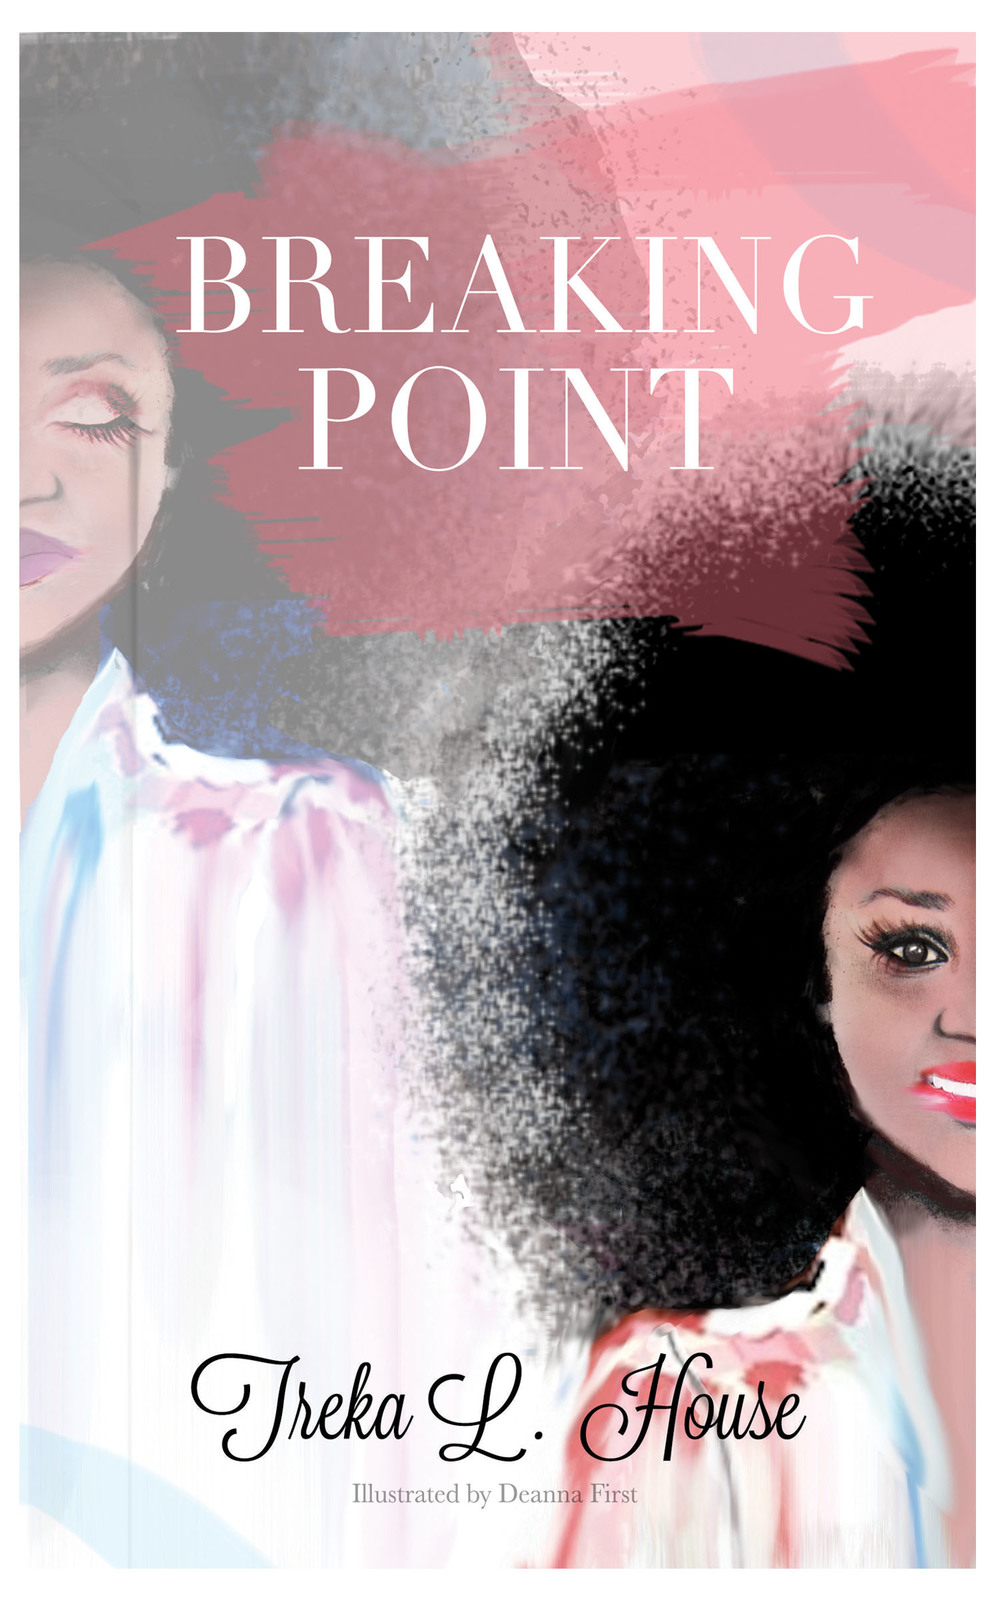 breakingpoint_outline.jpg